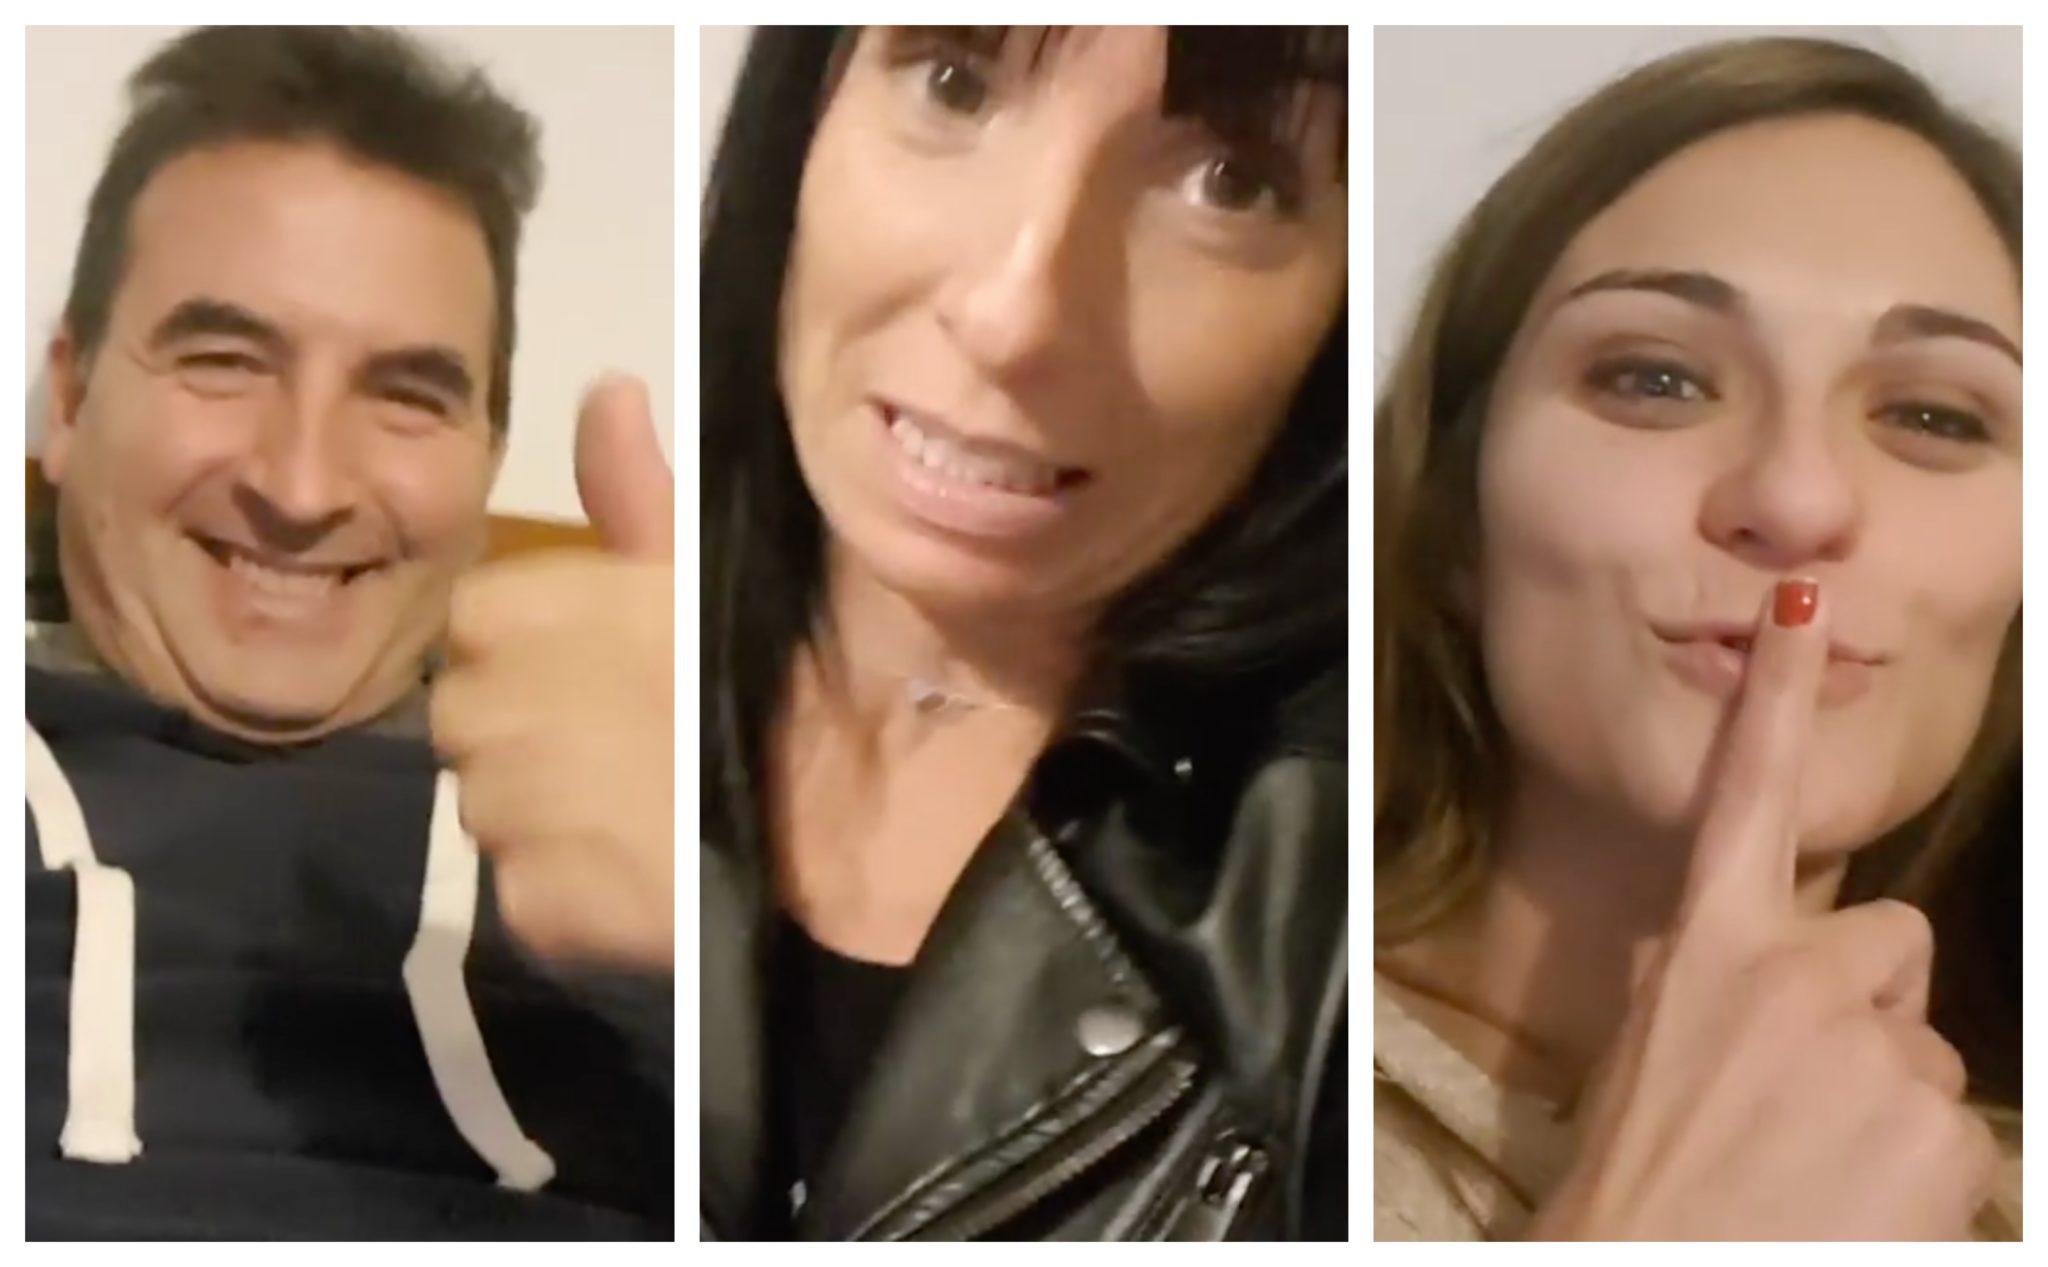 Paulo Ana Raquel Tatiana Casados Concorrentes Do 'Casados' Juntam-Se Para Ver O Programa